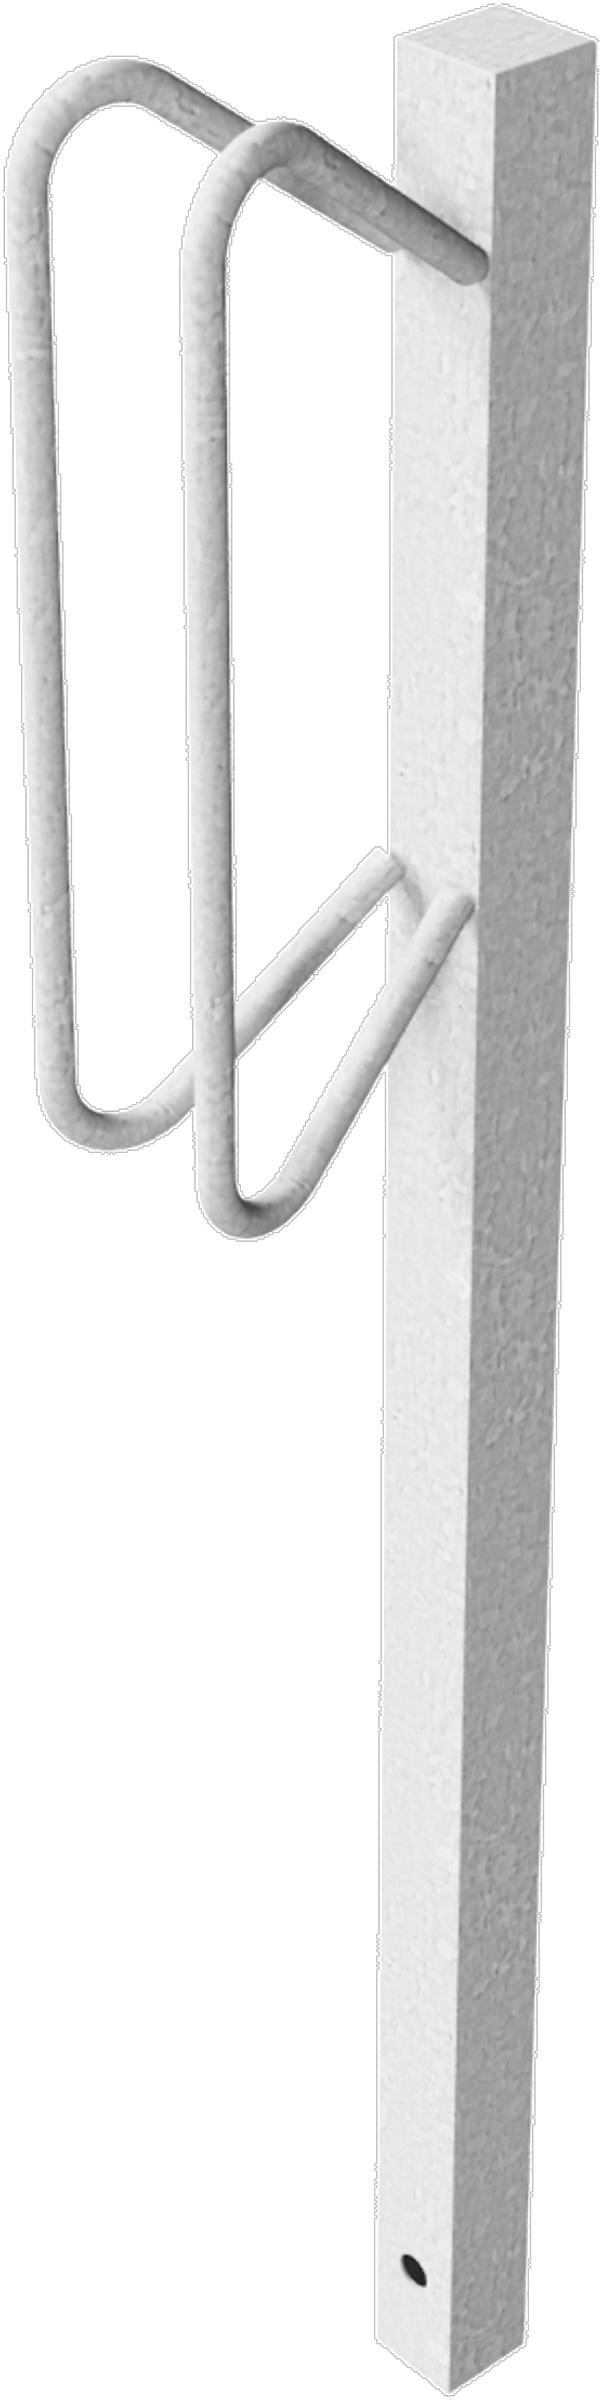 Schake Fahrradständer Stahl - Einzelparker